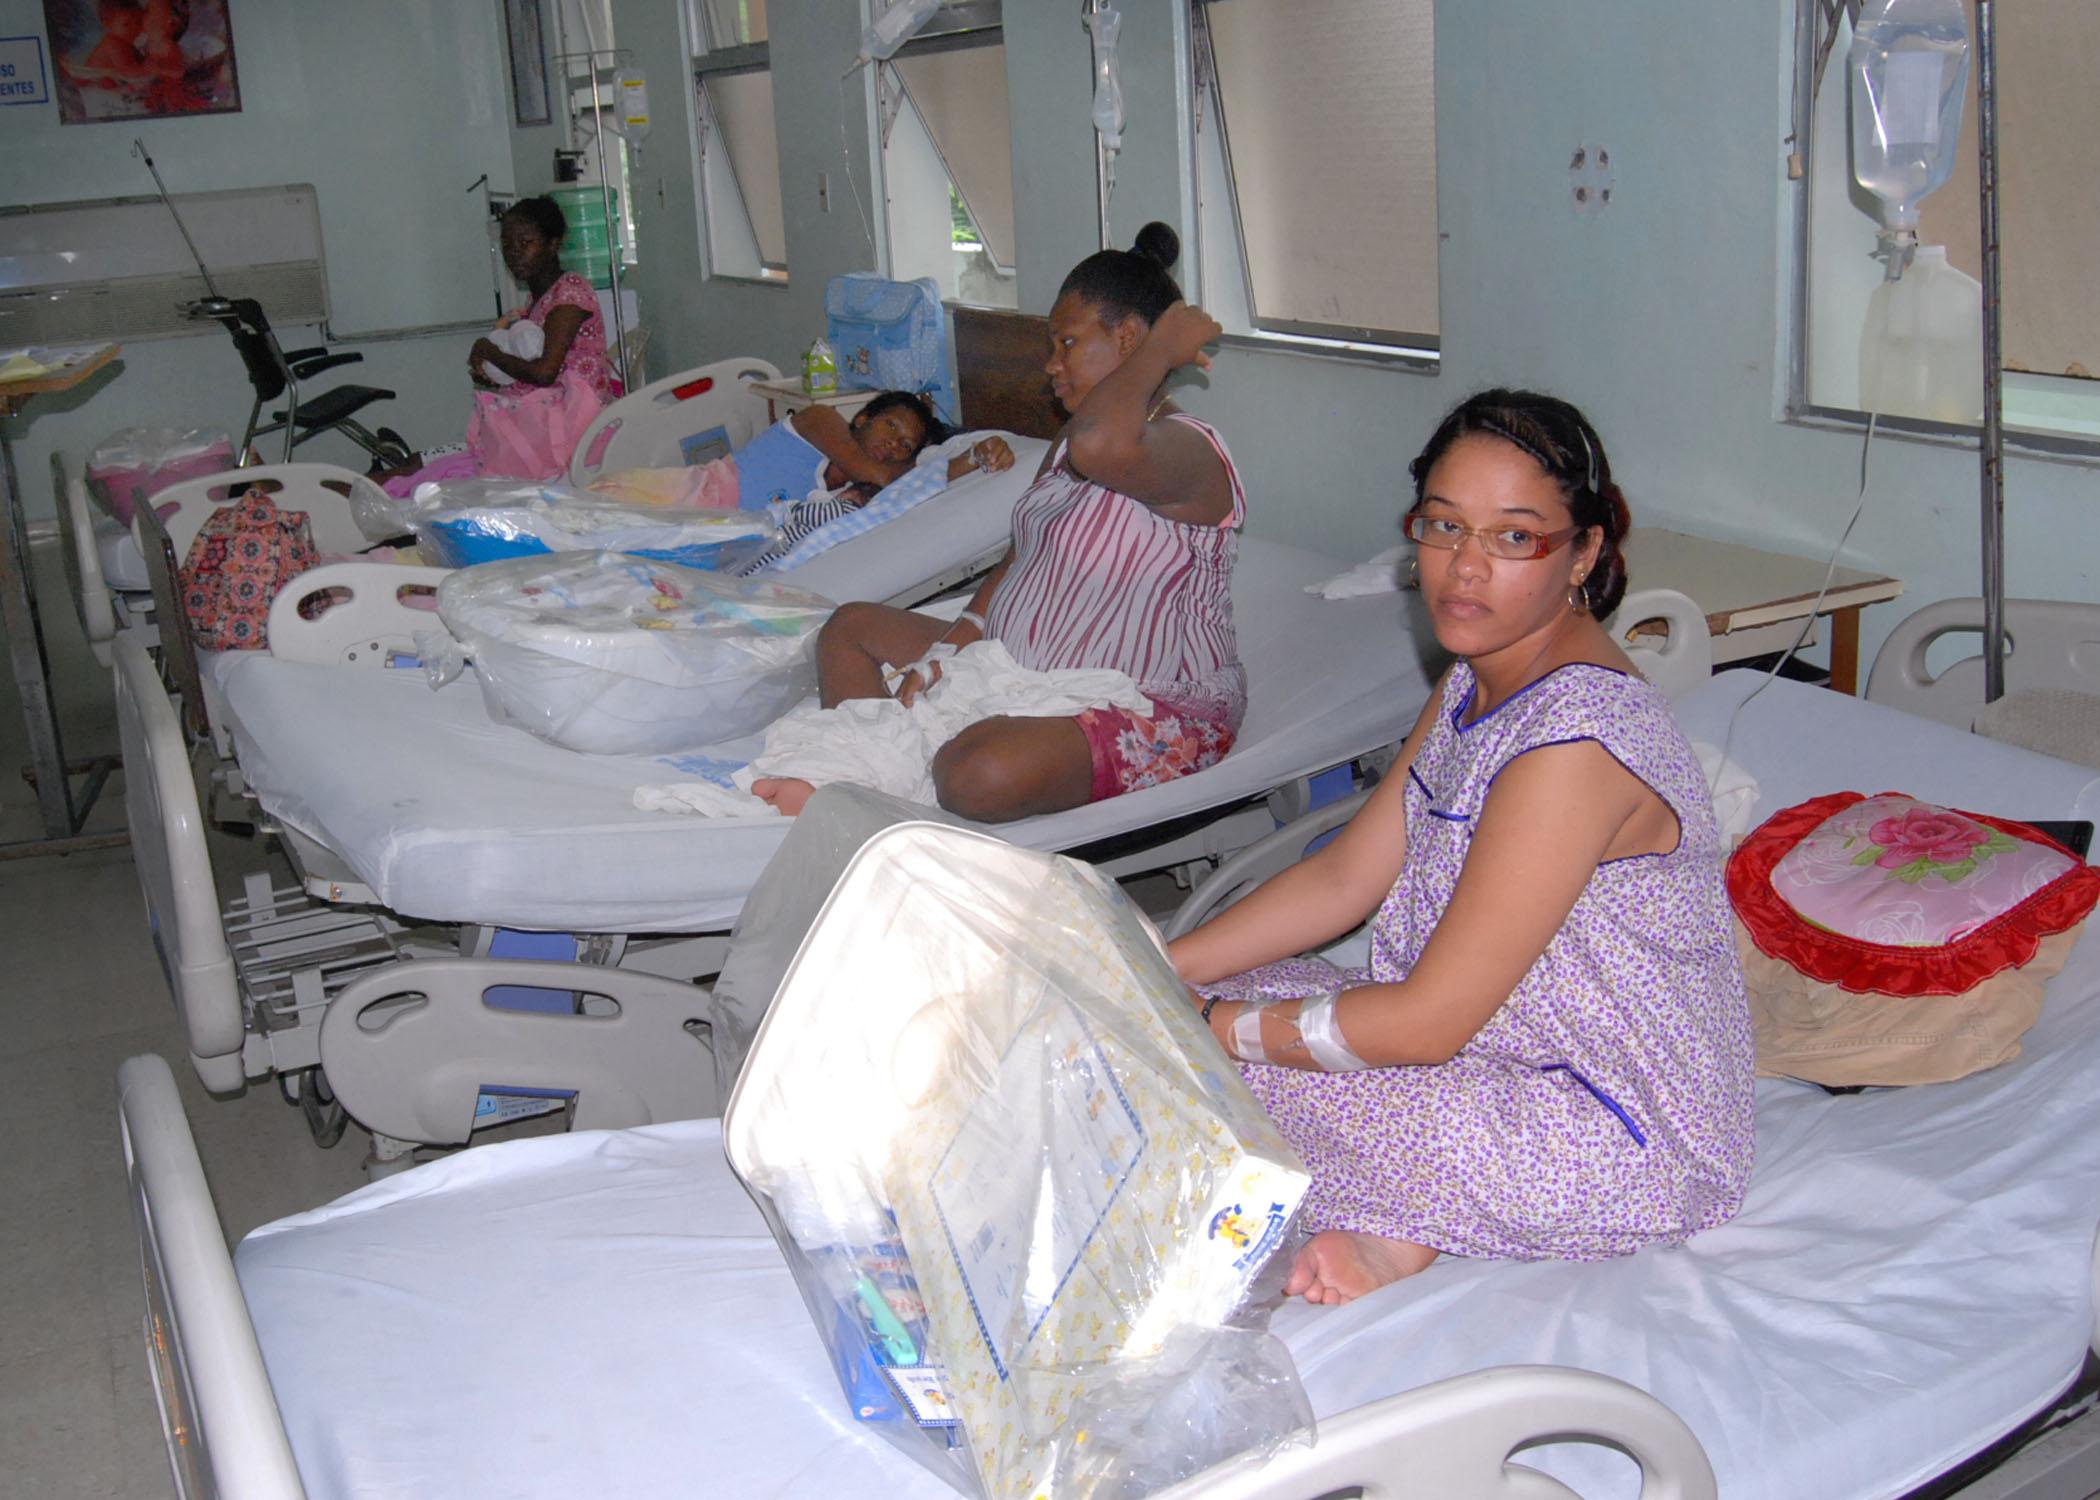 Entregan más de 50 canastillas a parturientas en maternidad de La Altagracia